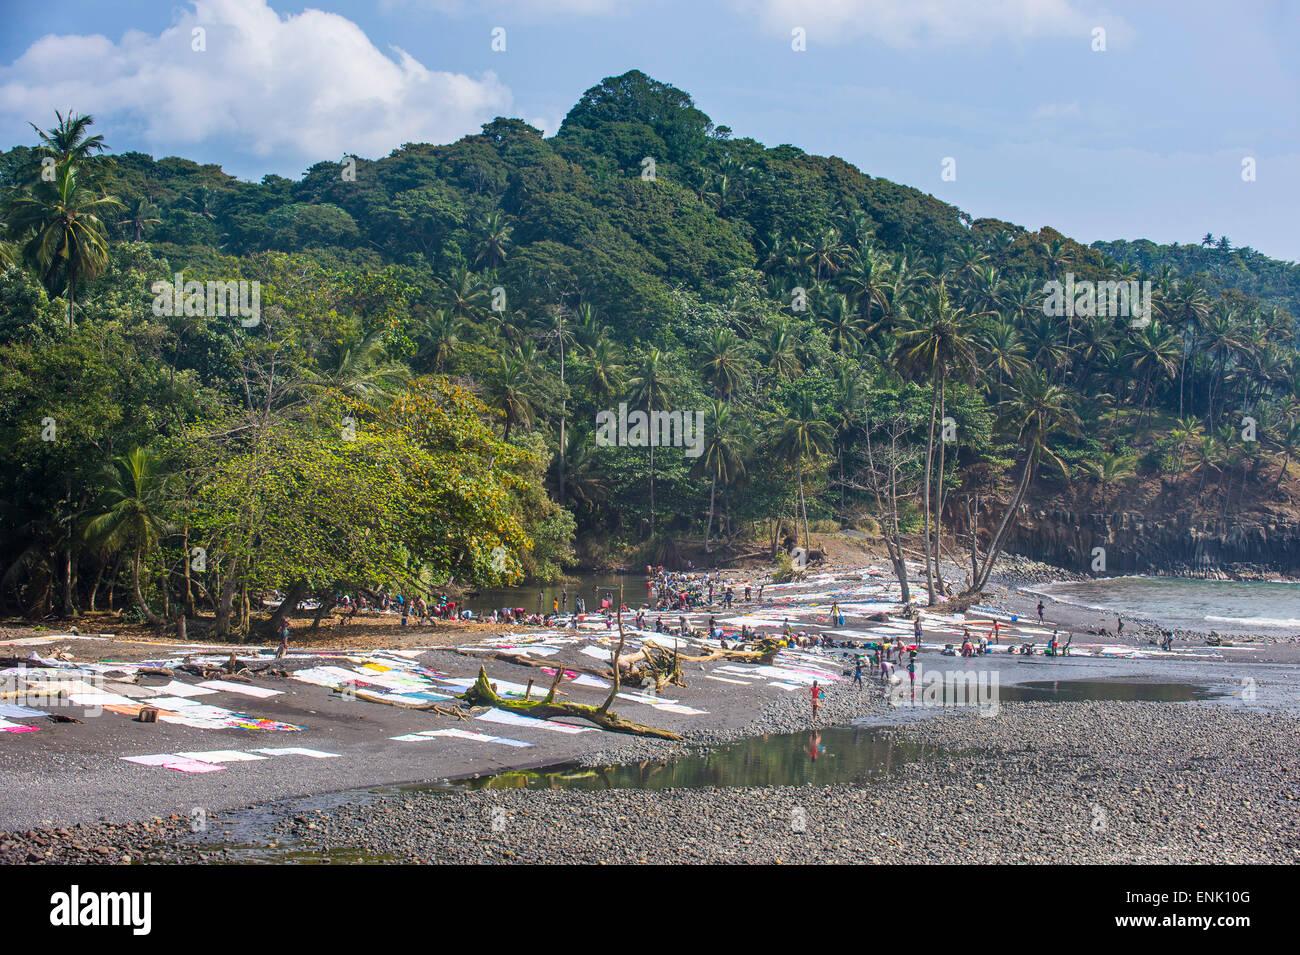 Vestiti bagnati essiccazione su una spiaggia rocciosa costa orientale di Sao Tome, Sao Tome e Principe, Oceano Atlantico, Immagini Stock